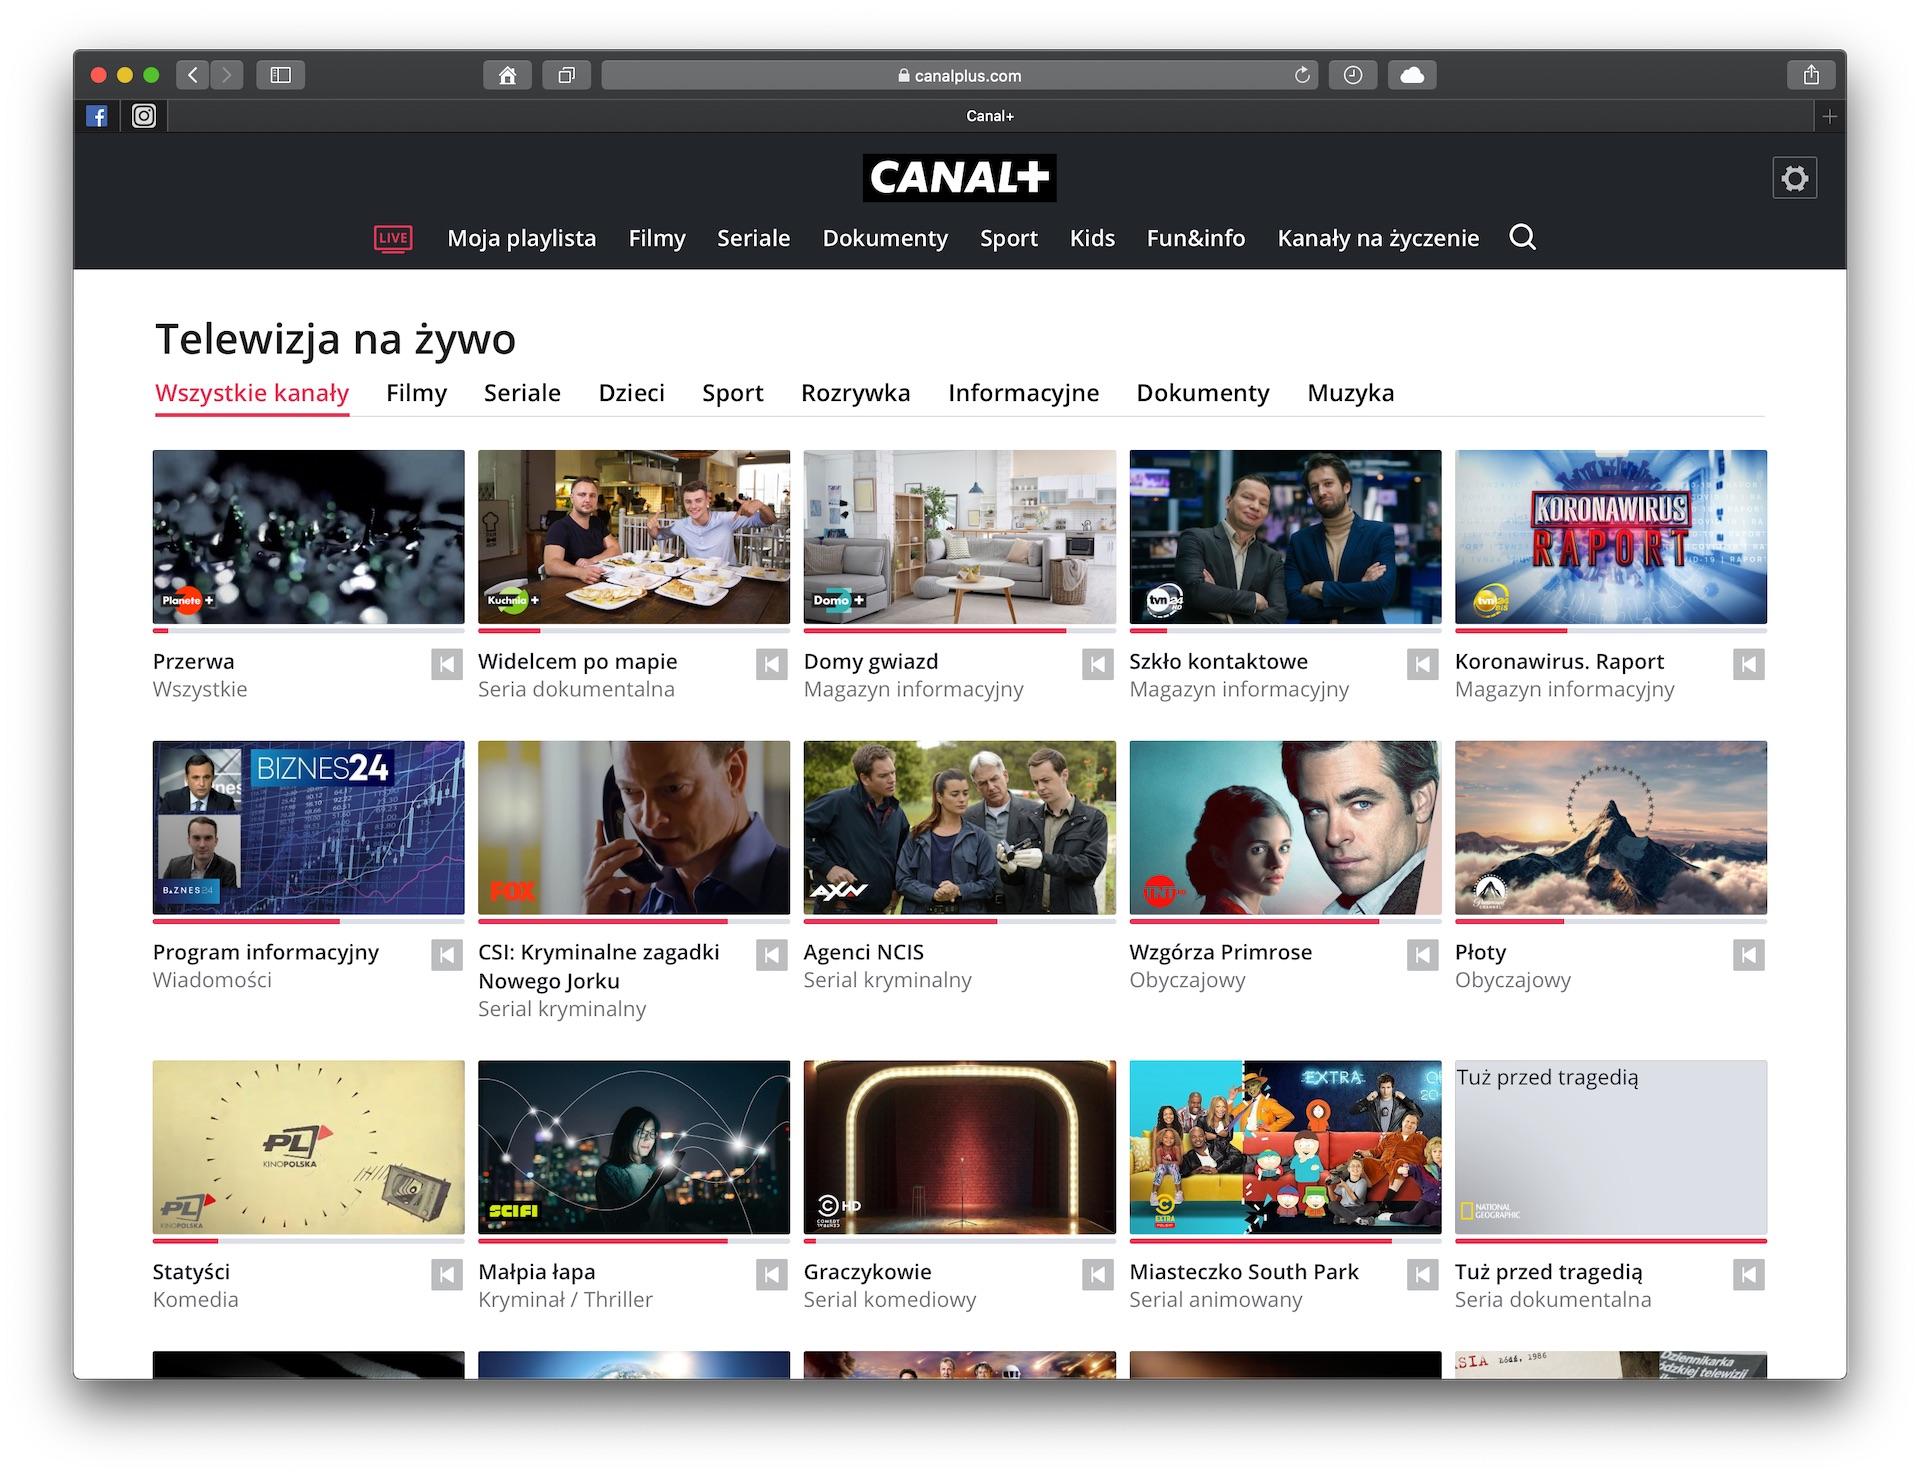 canal plus telewizja przez internet live kanaly na zywo